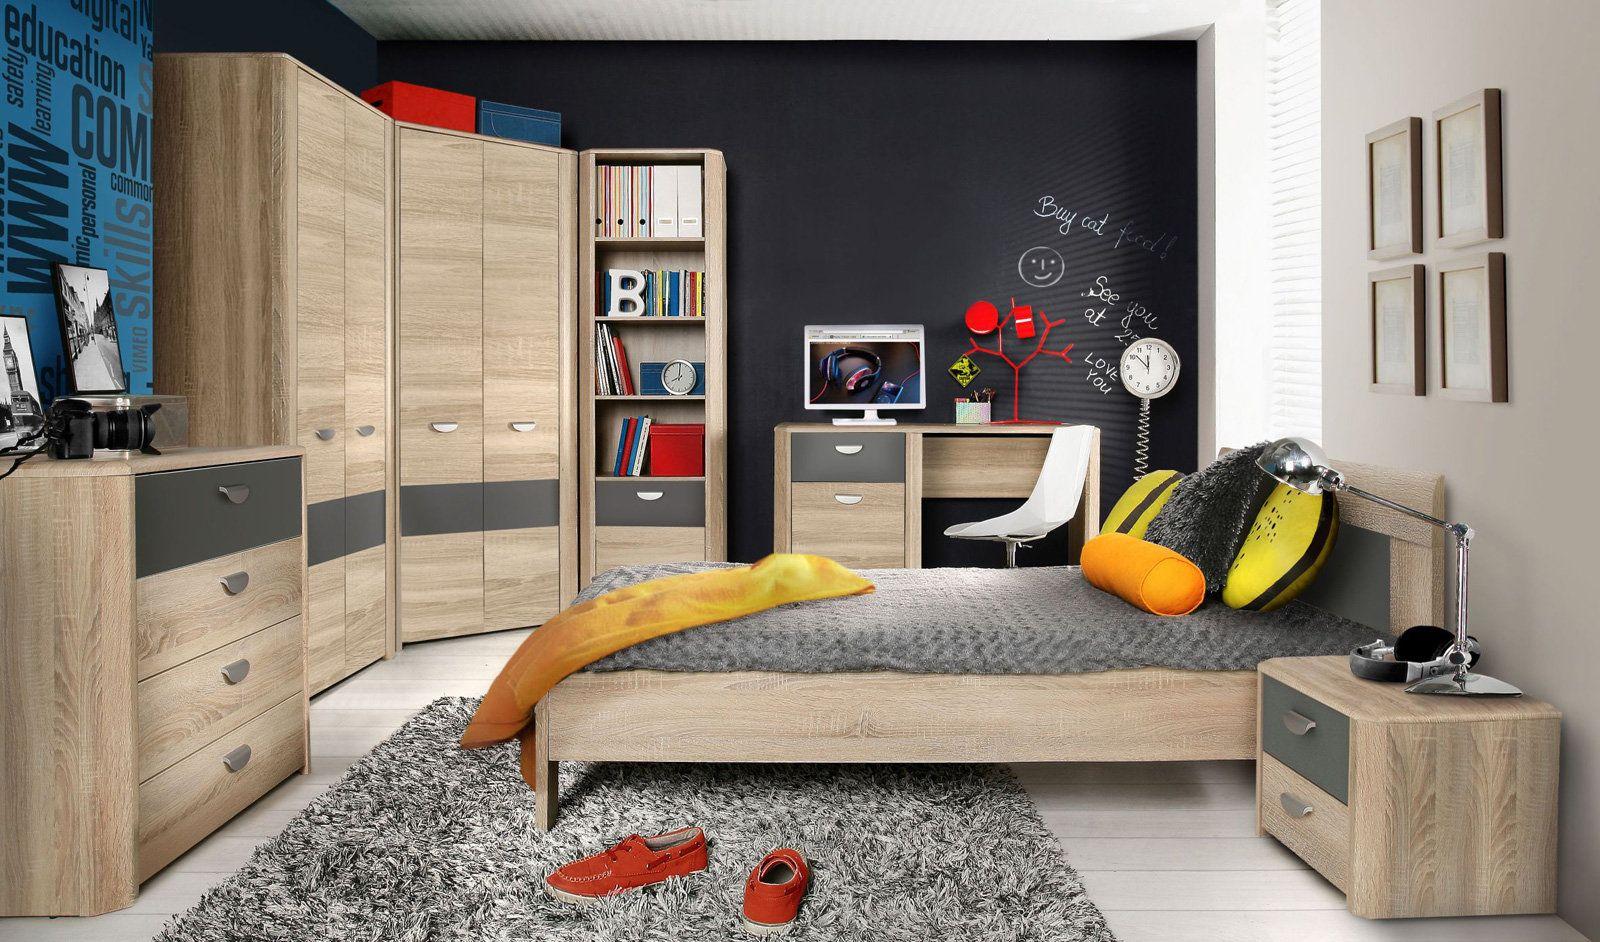 Modernes Jugendzimmerprogramm YOOP in der Farbkombination